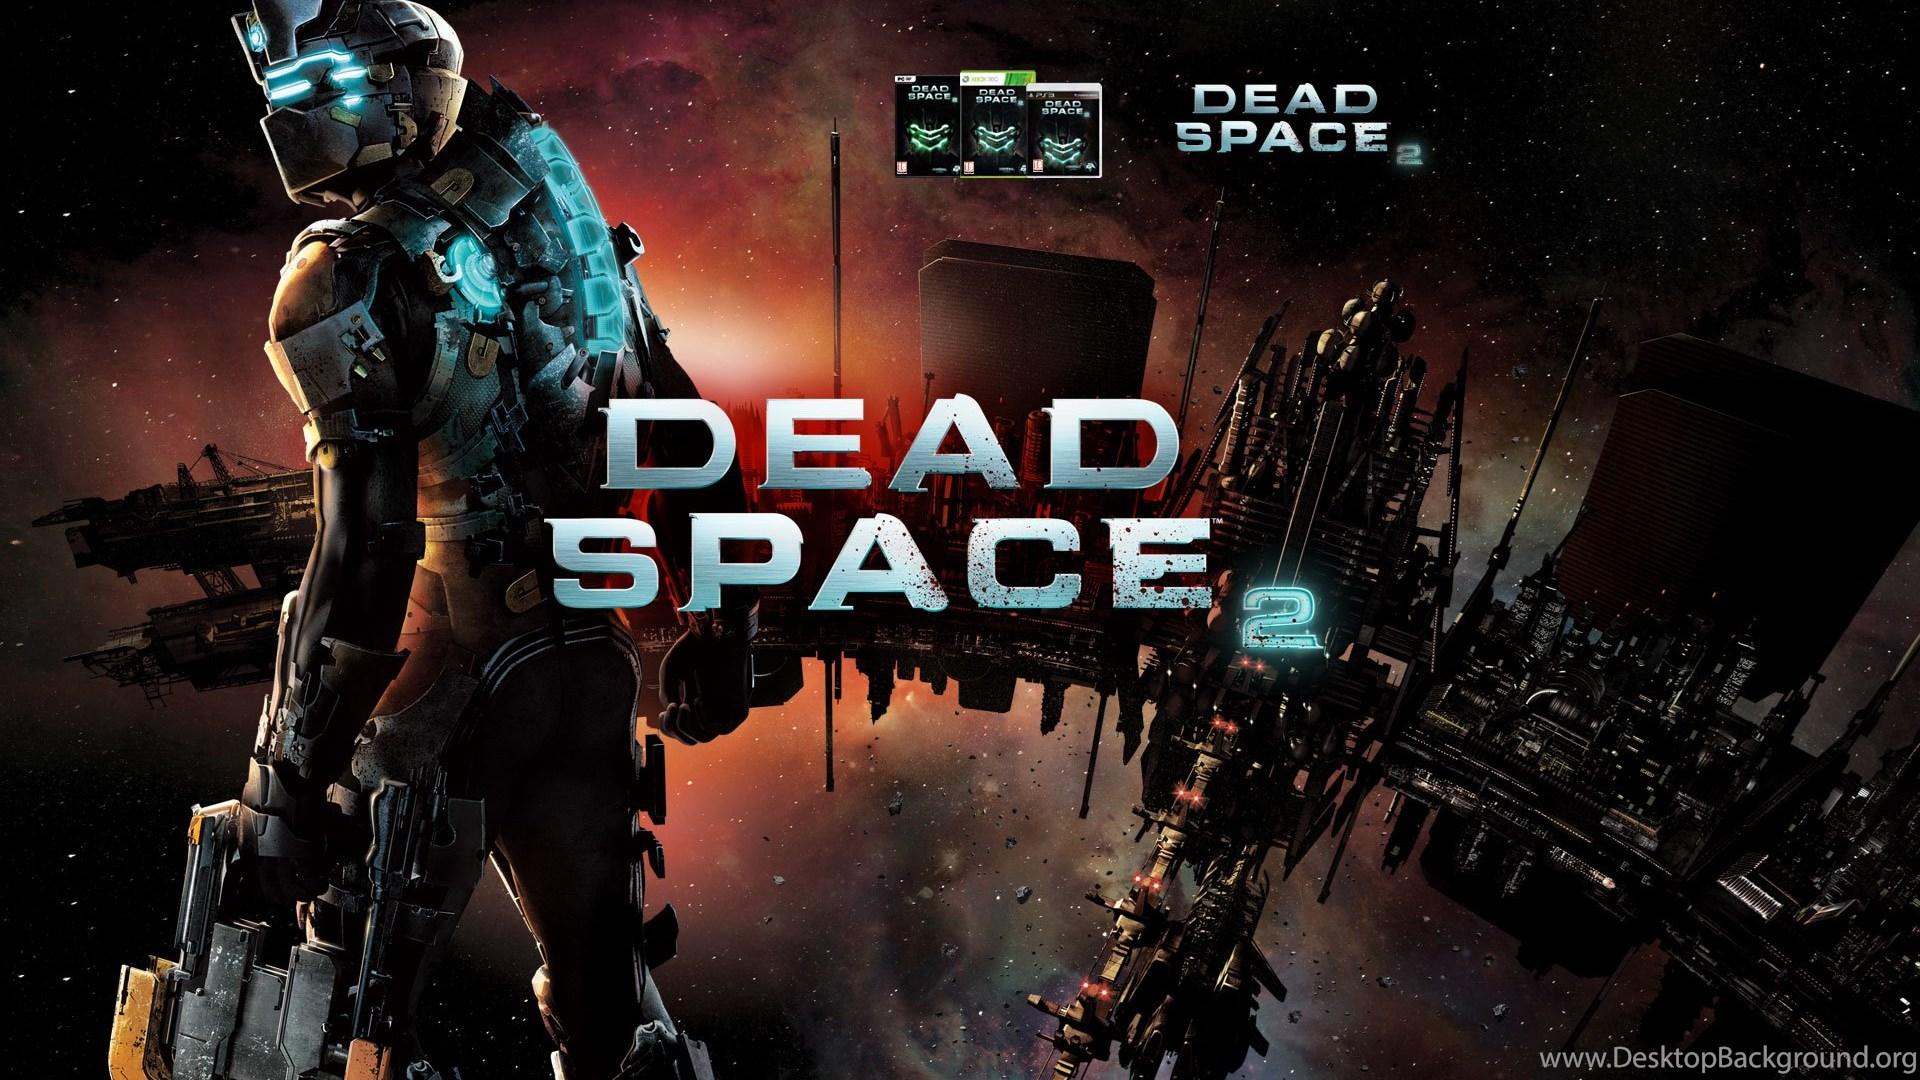 Dead Space 2 78144 Hd Wallpapers Desktop Background